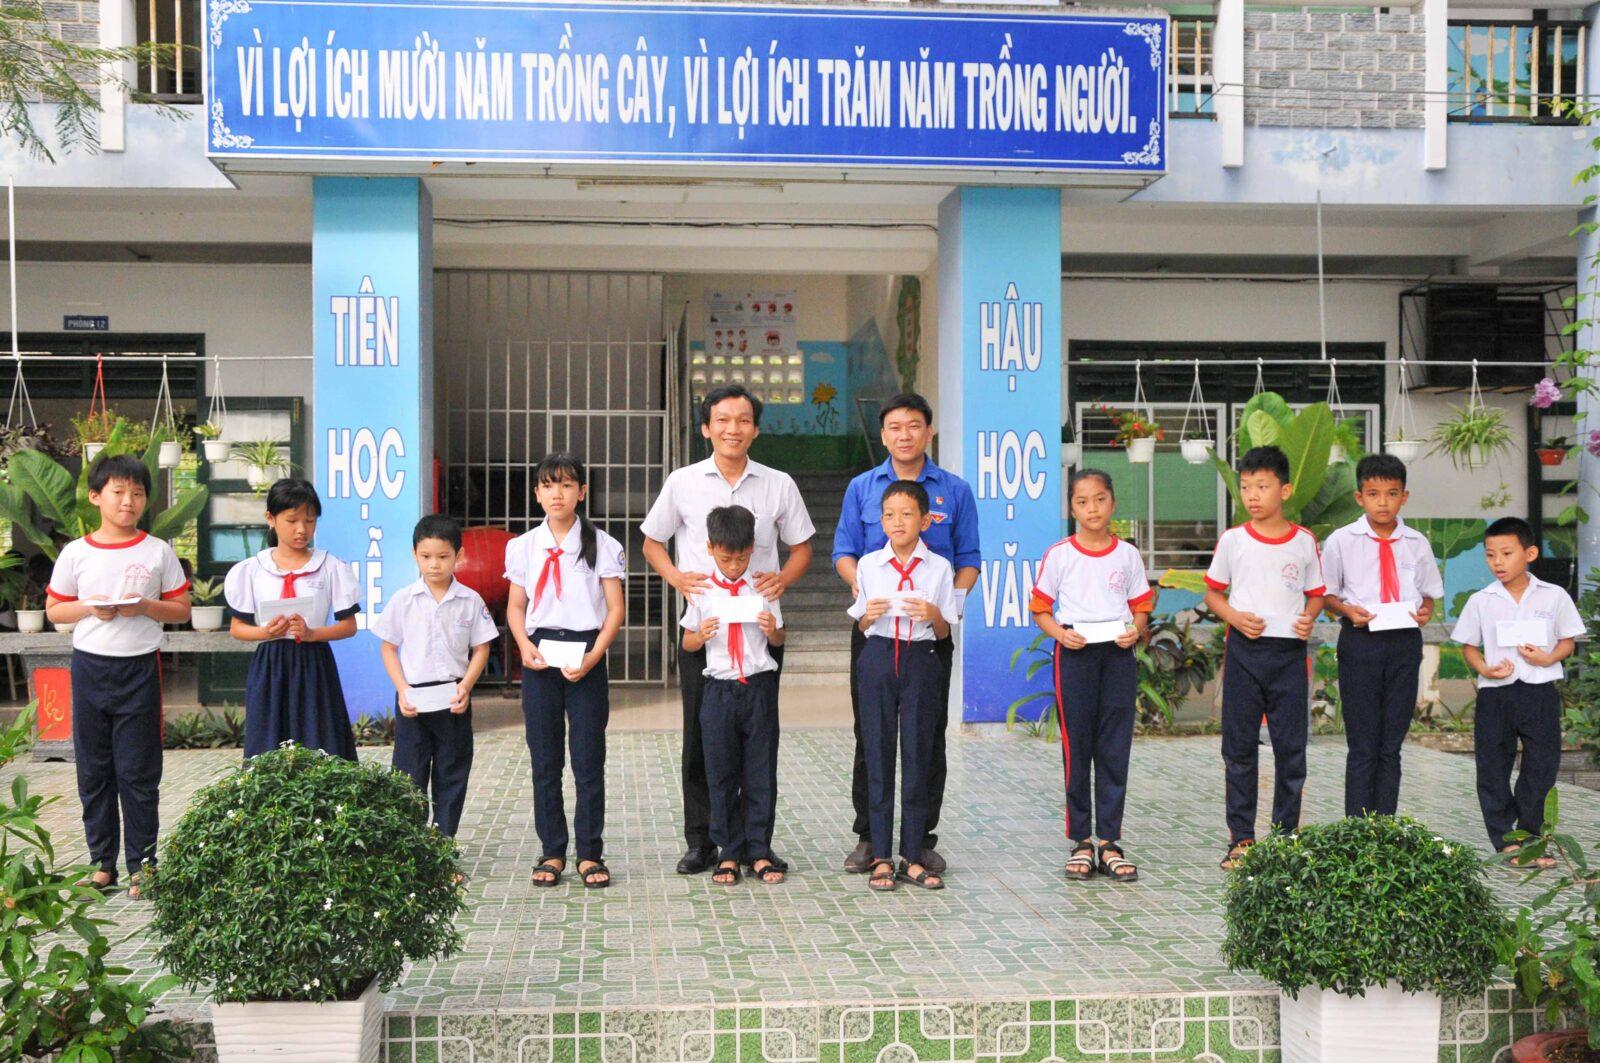 Lãnh đạo Tỉnh đoàn, Thành đoàn Nha Trang trao học bổng cho các học sinh có hoàn cảnh khó khăn